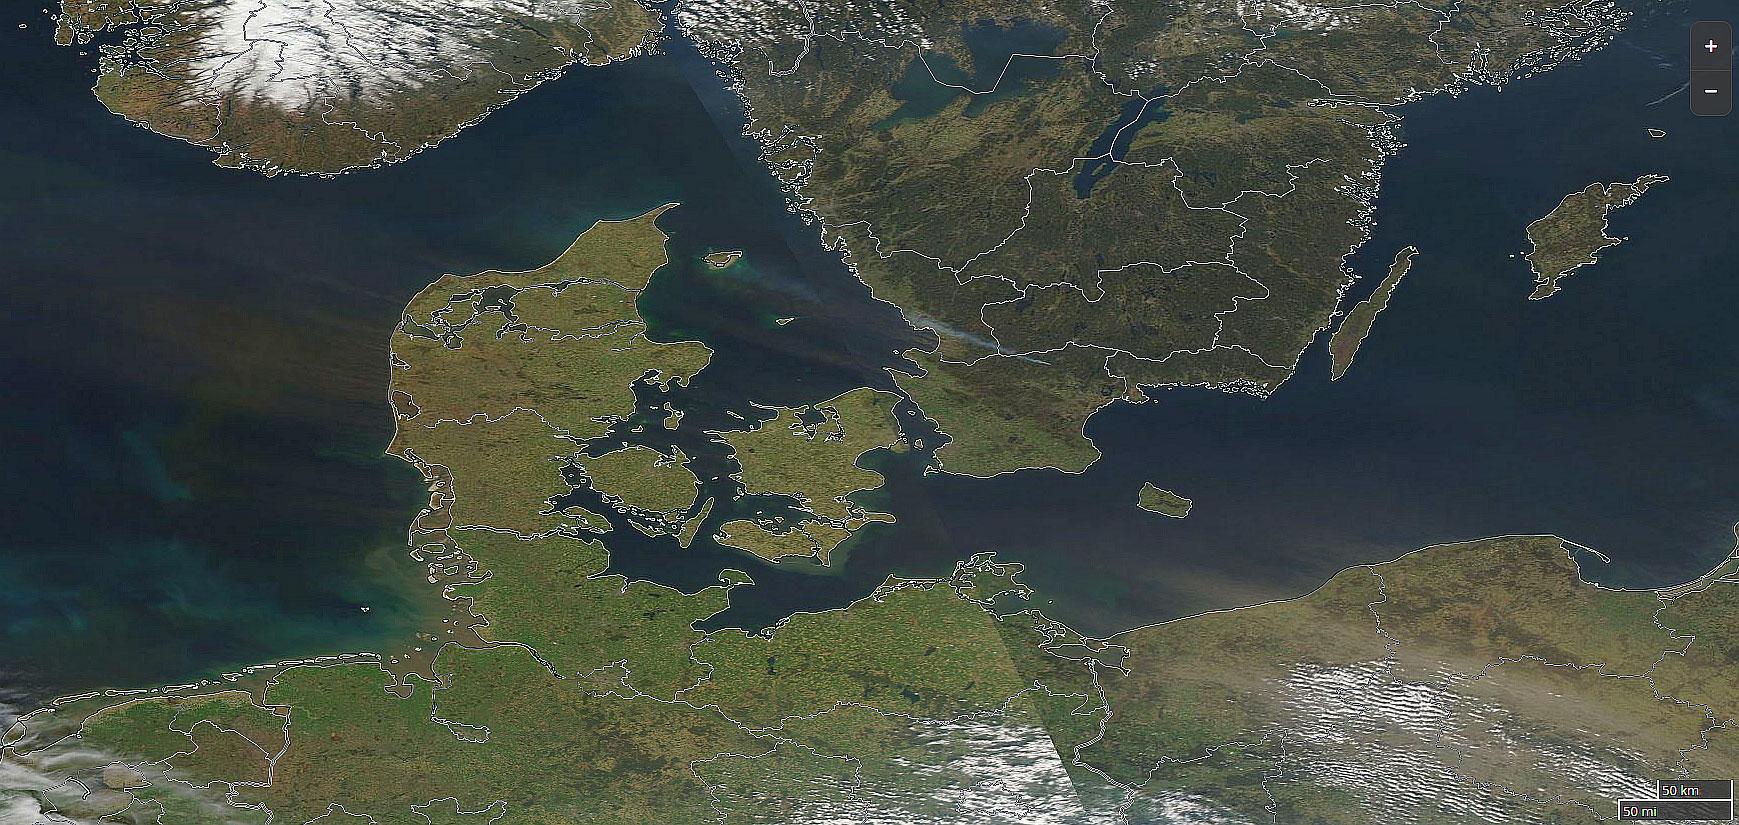 Aqua MODIS True Color RGB, 23 April, 11:10 UTC